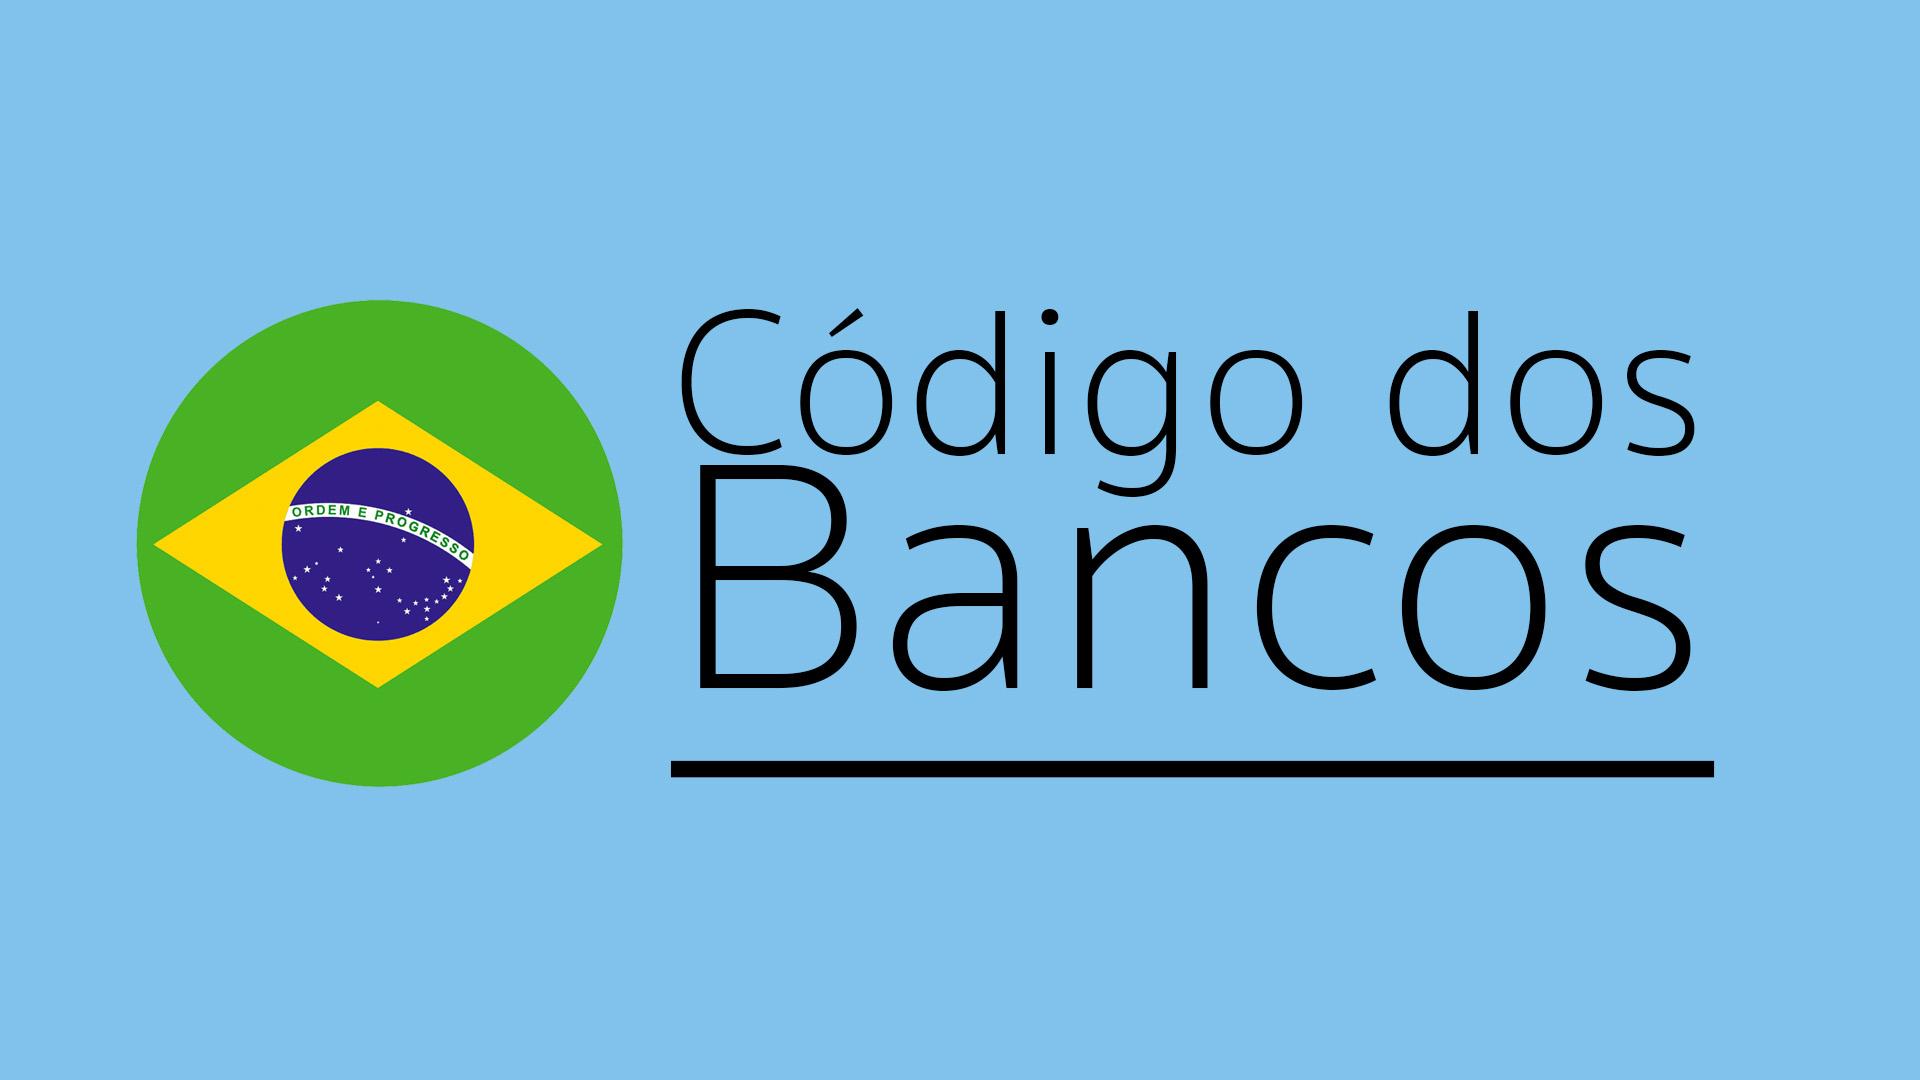 código dos banco